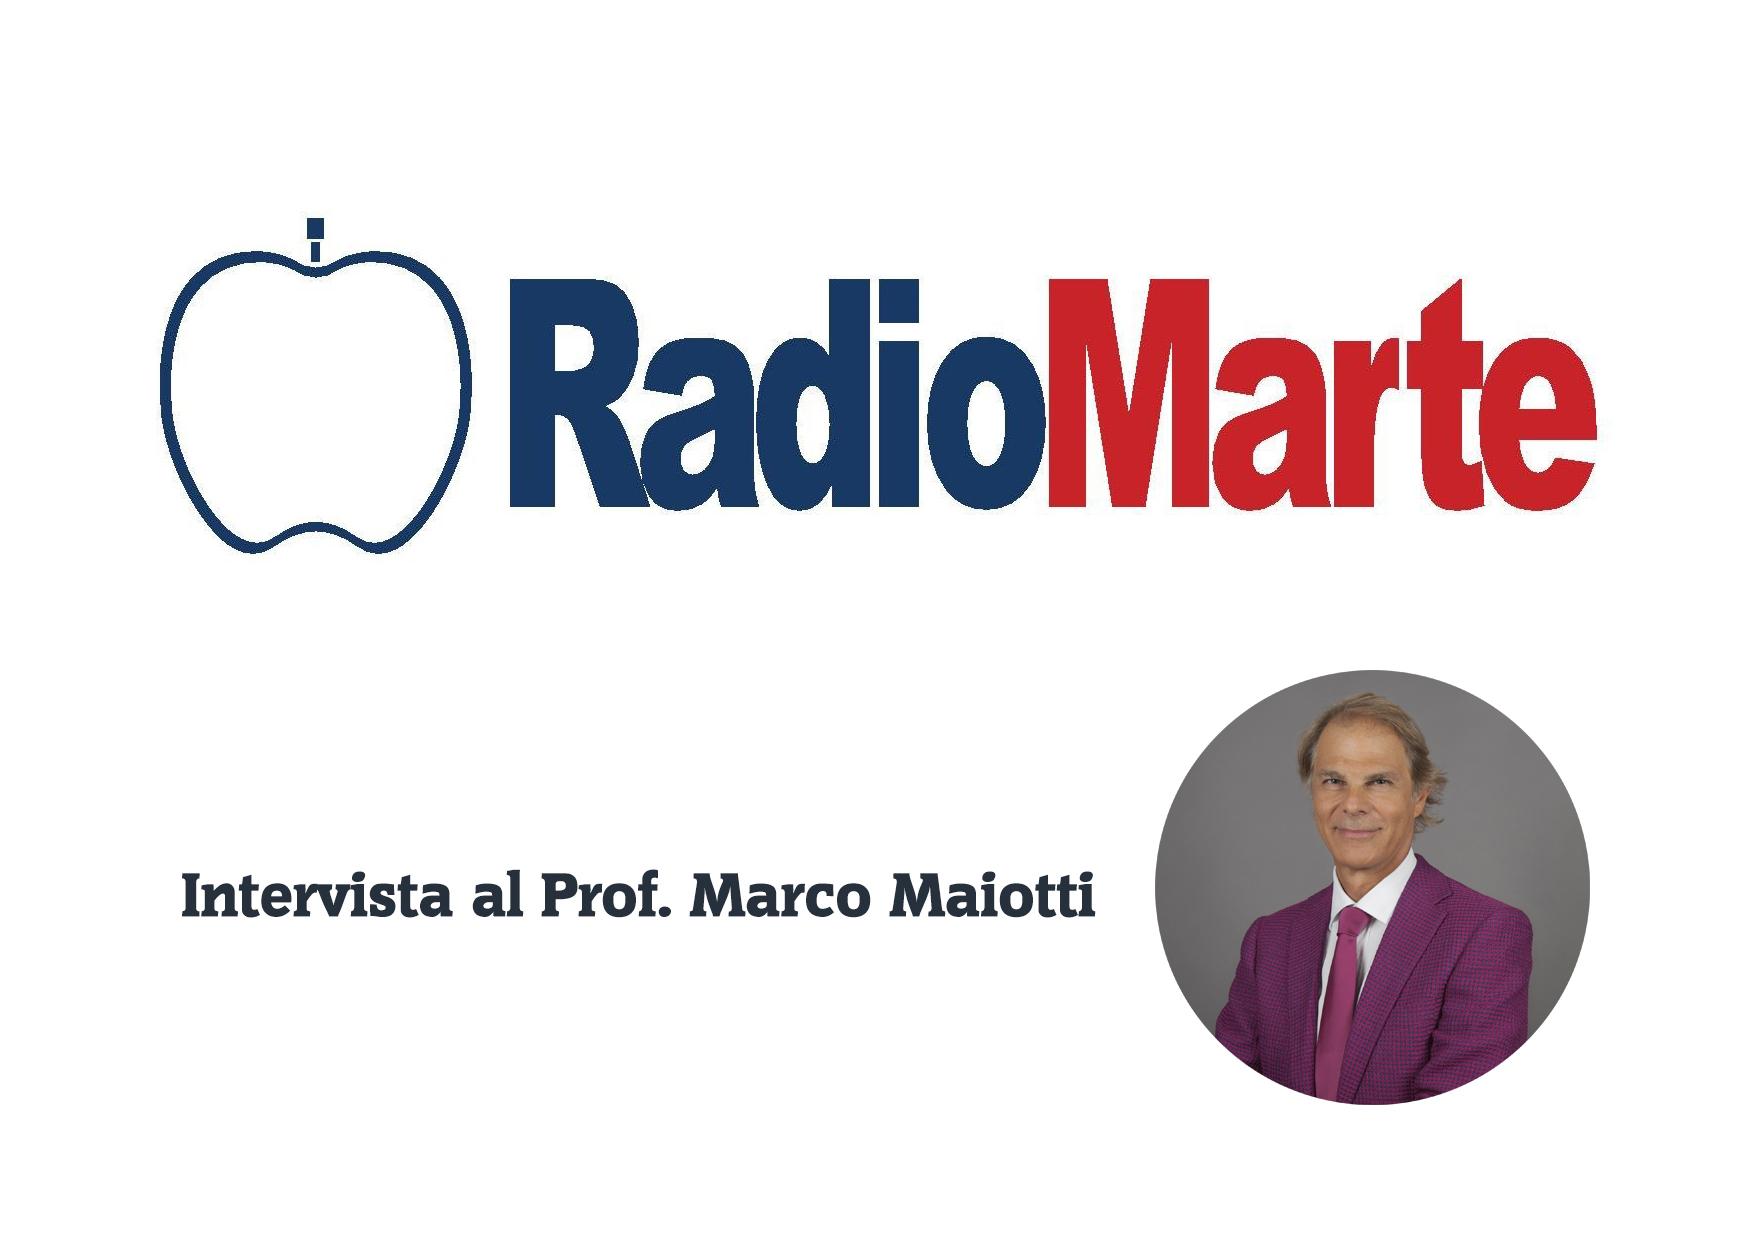 intervista radio maiotti